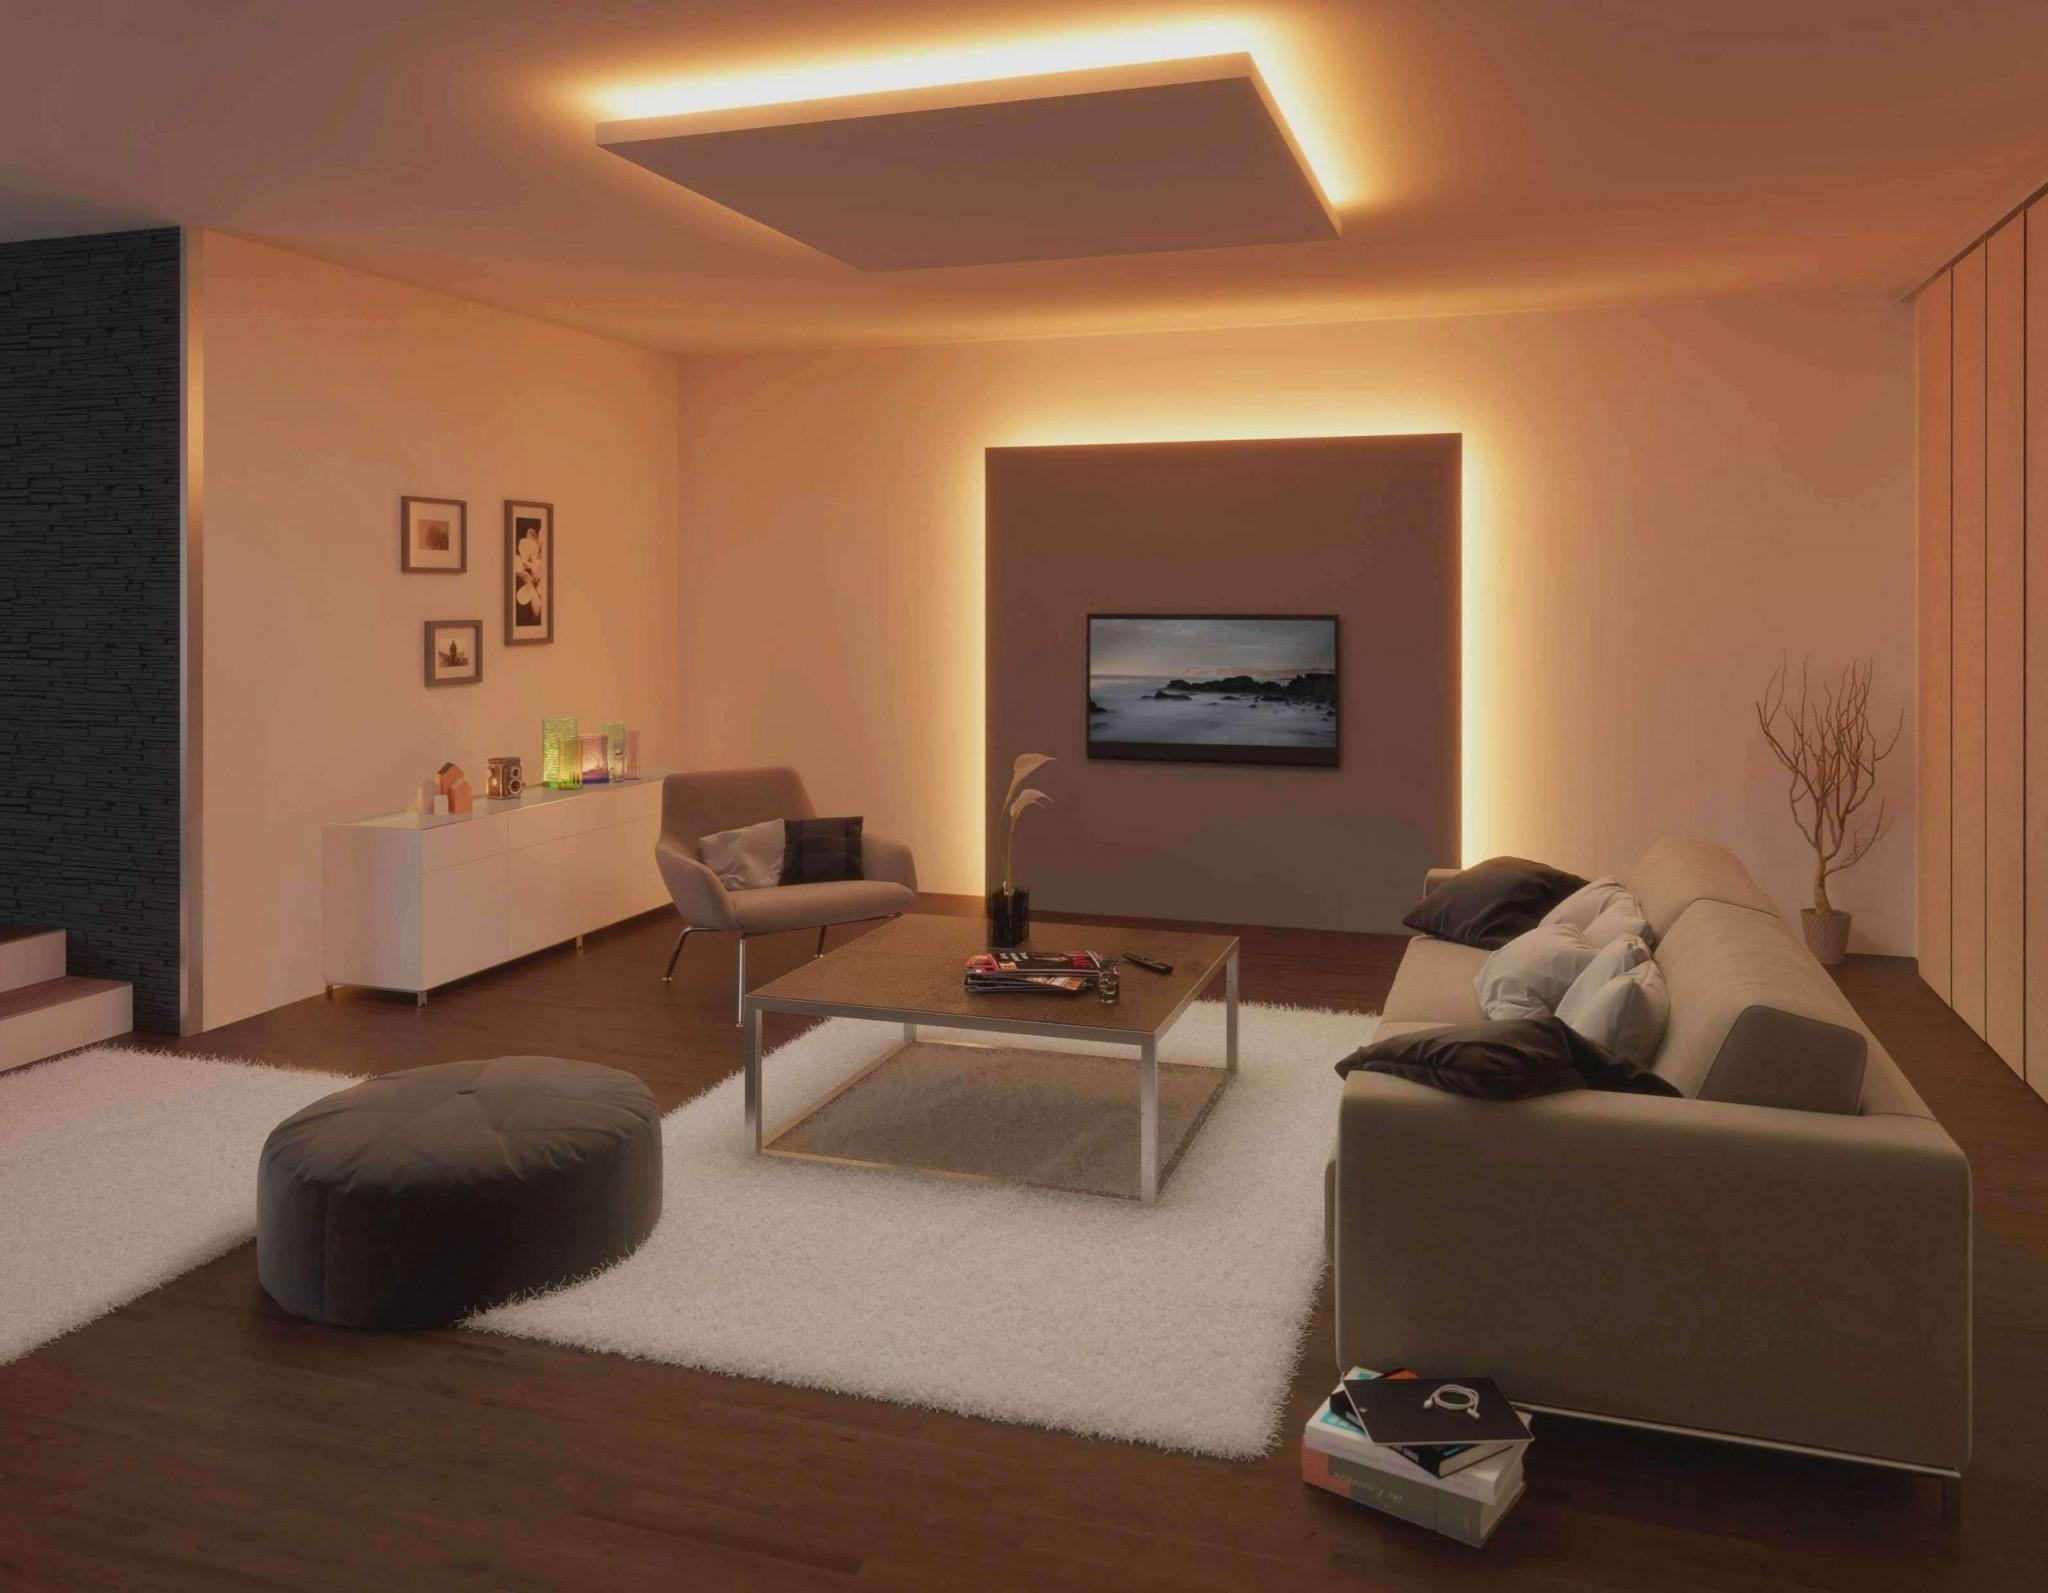 Schöne Bilder Für Wohnzimmer Reizend Genial Schöne von Schöne Bilder Für Das Wohnzimmer Bild